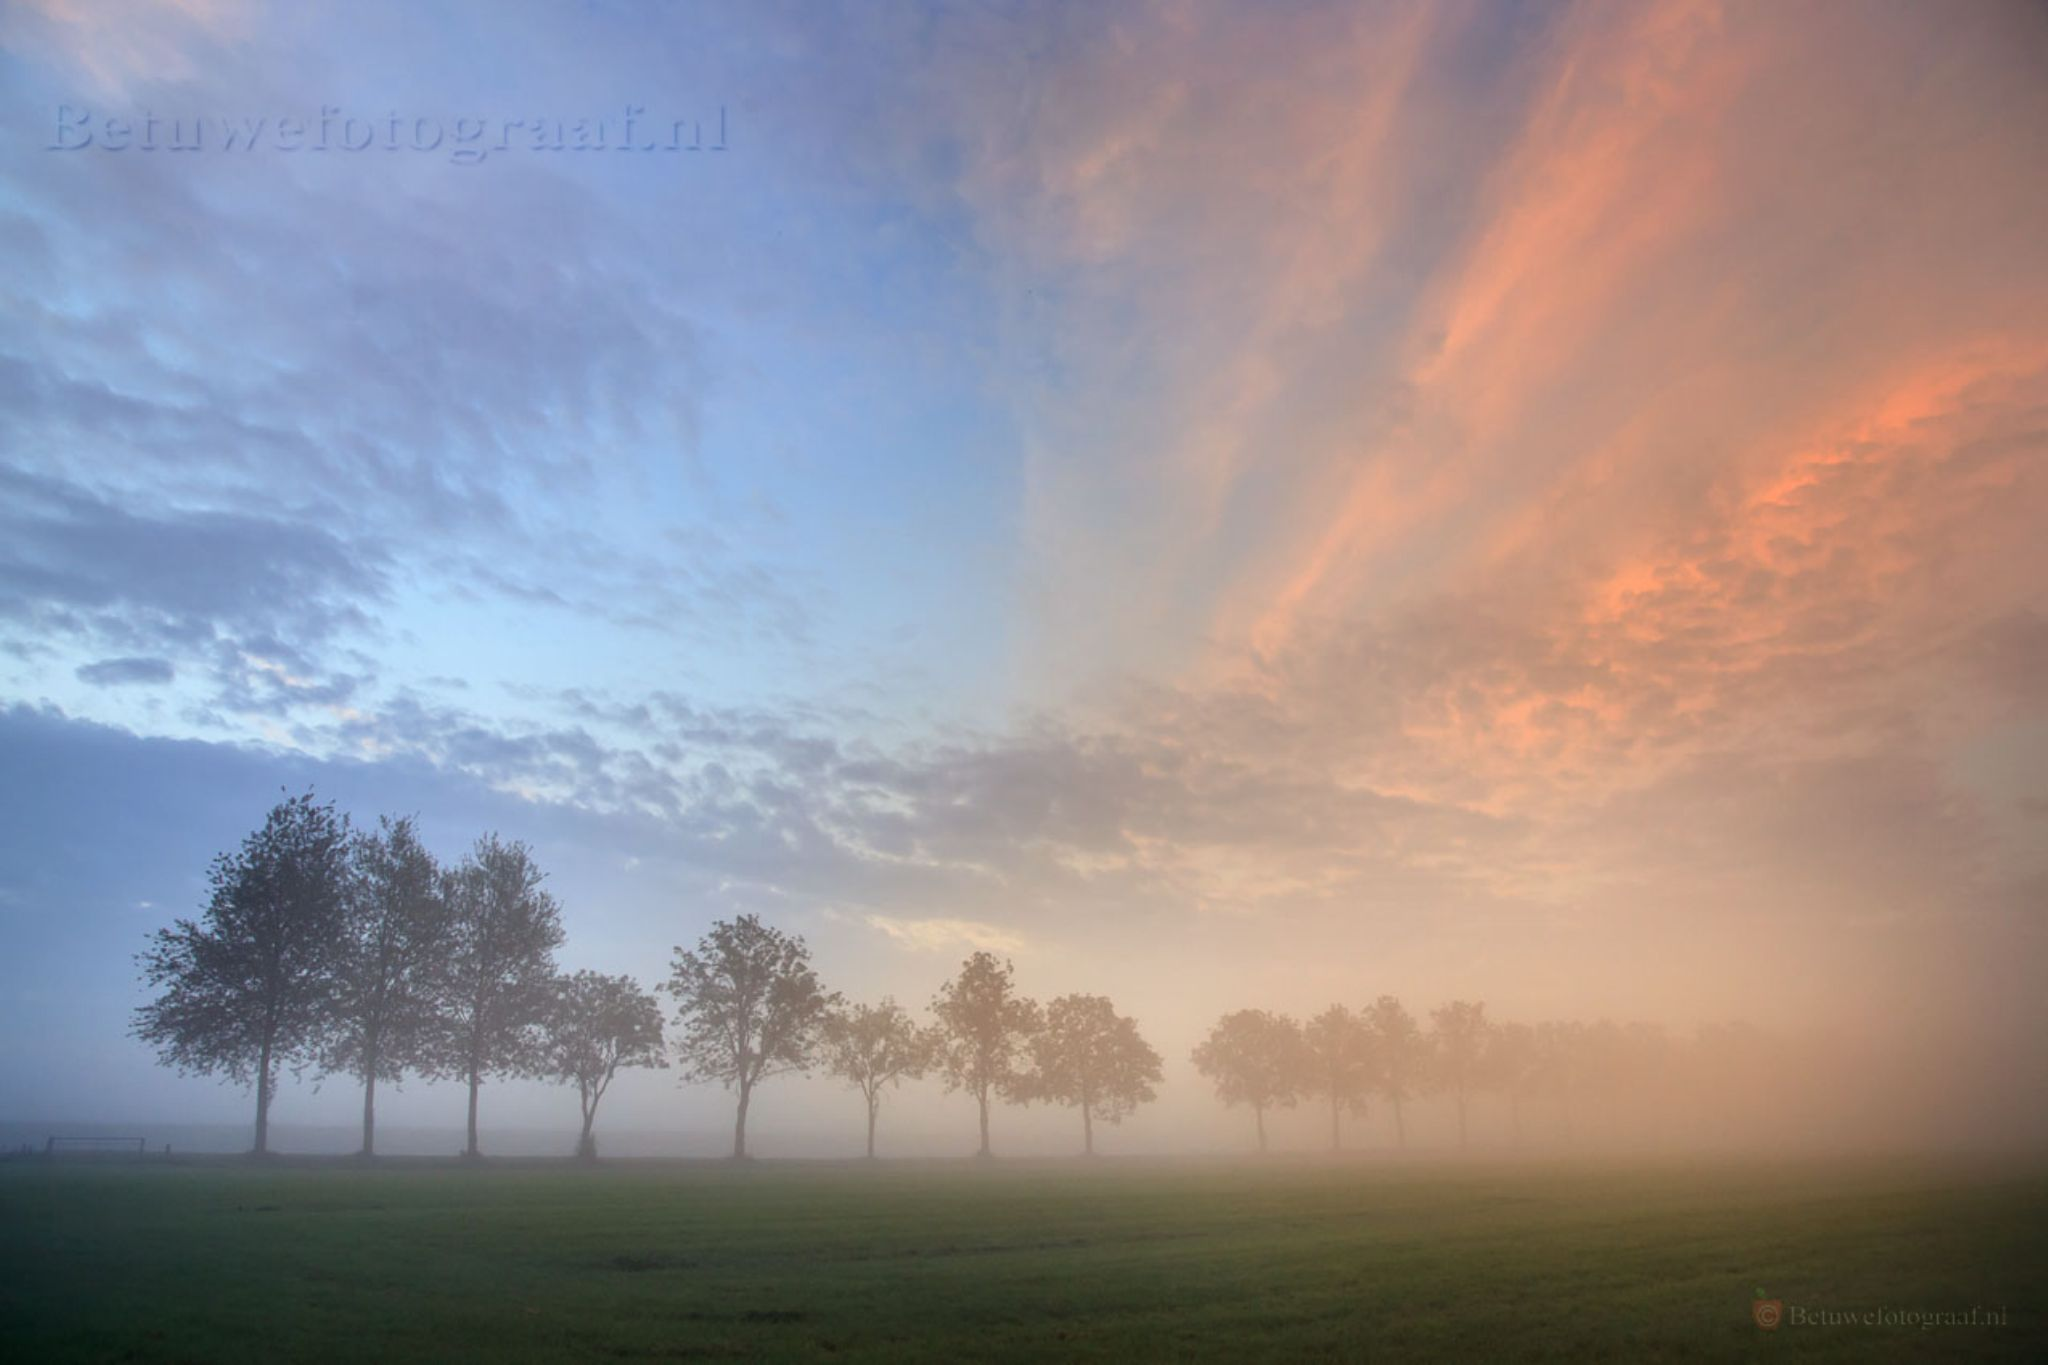 Trees in the mist by Betuwefotograaf